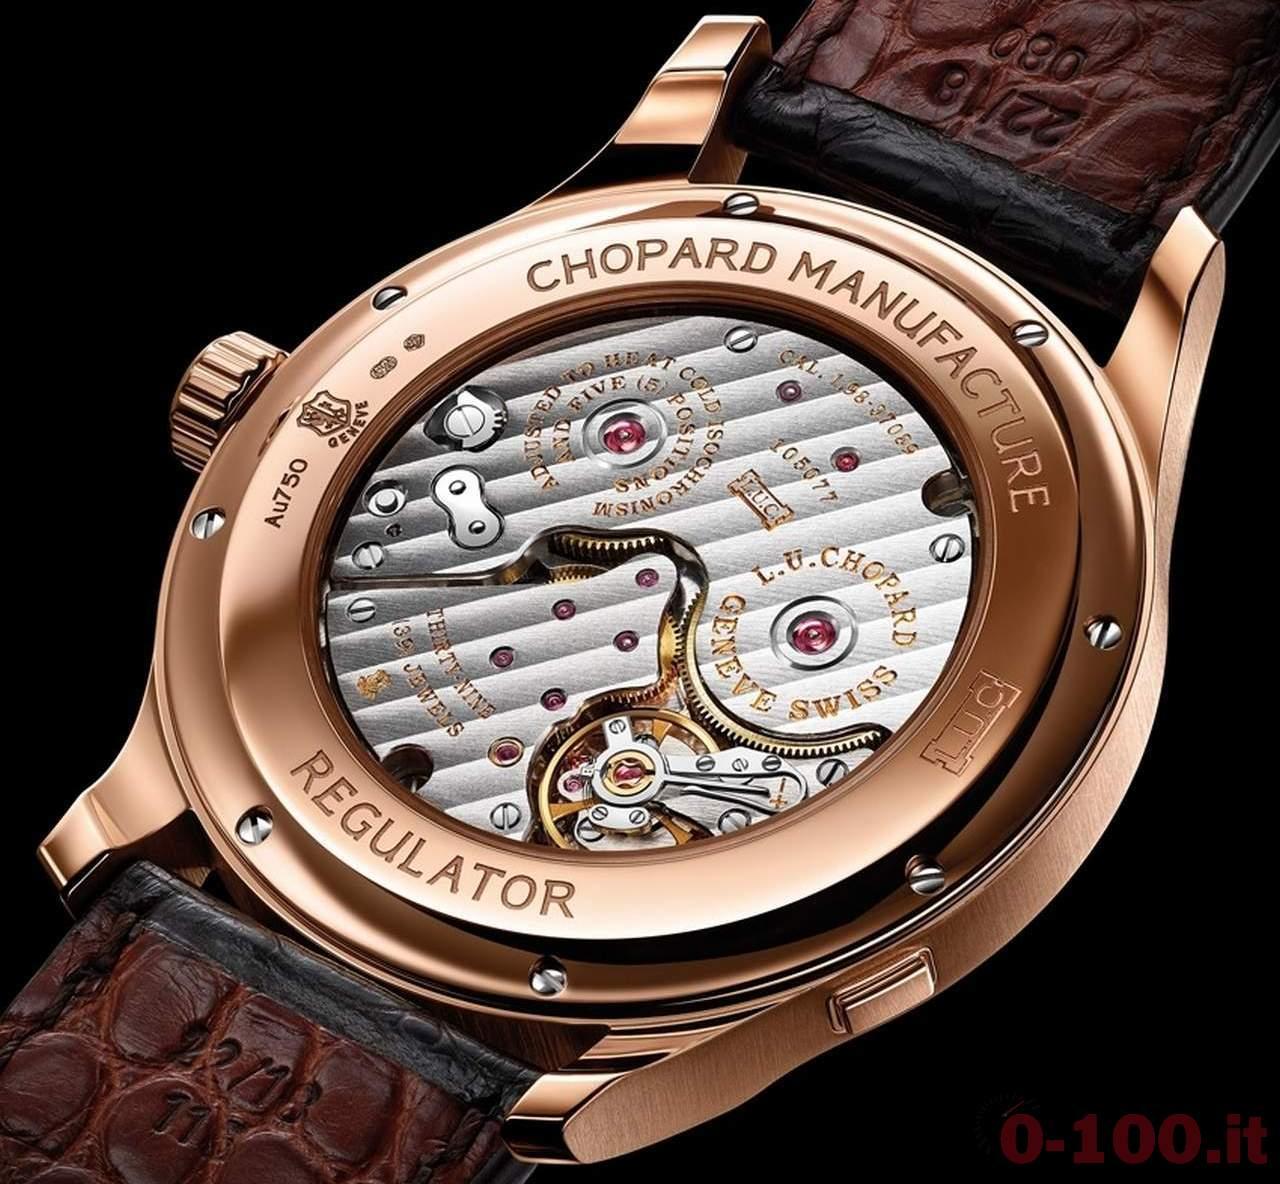 anteprima-baselworld-2016-chopard-l-u-c-regulator-prezzo-price_0-1004